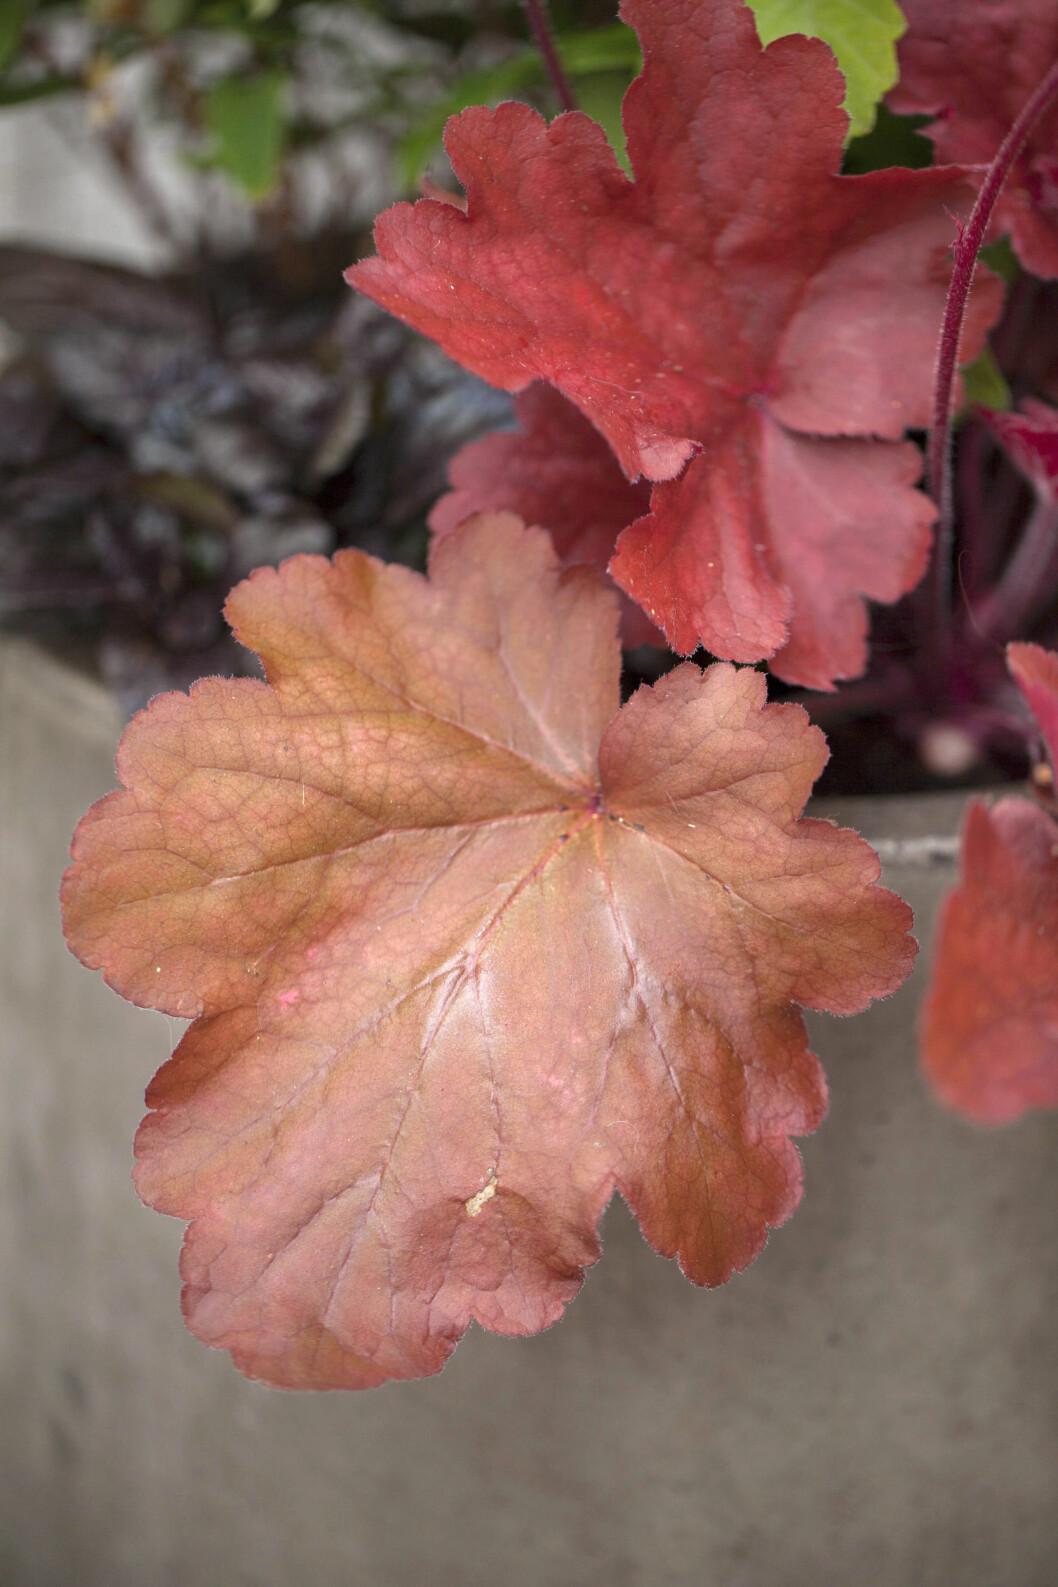 'Fire Alarm' heter denna snygga alunrot med dekorativa rödbruna blad.